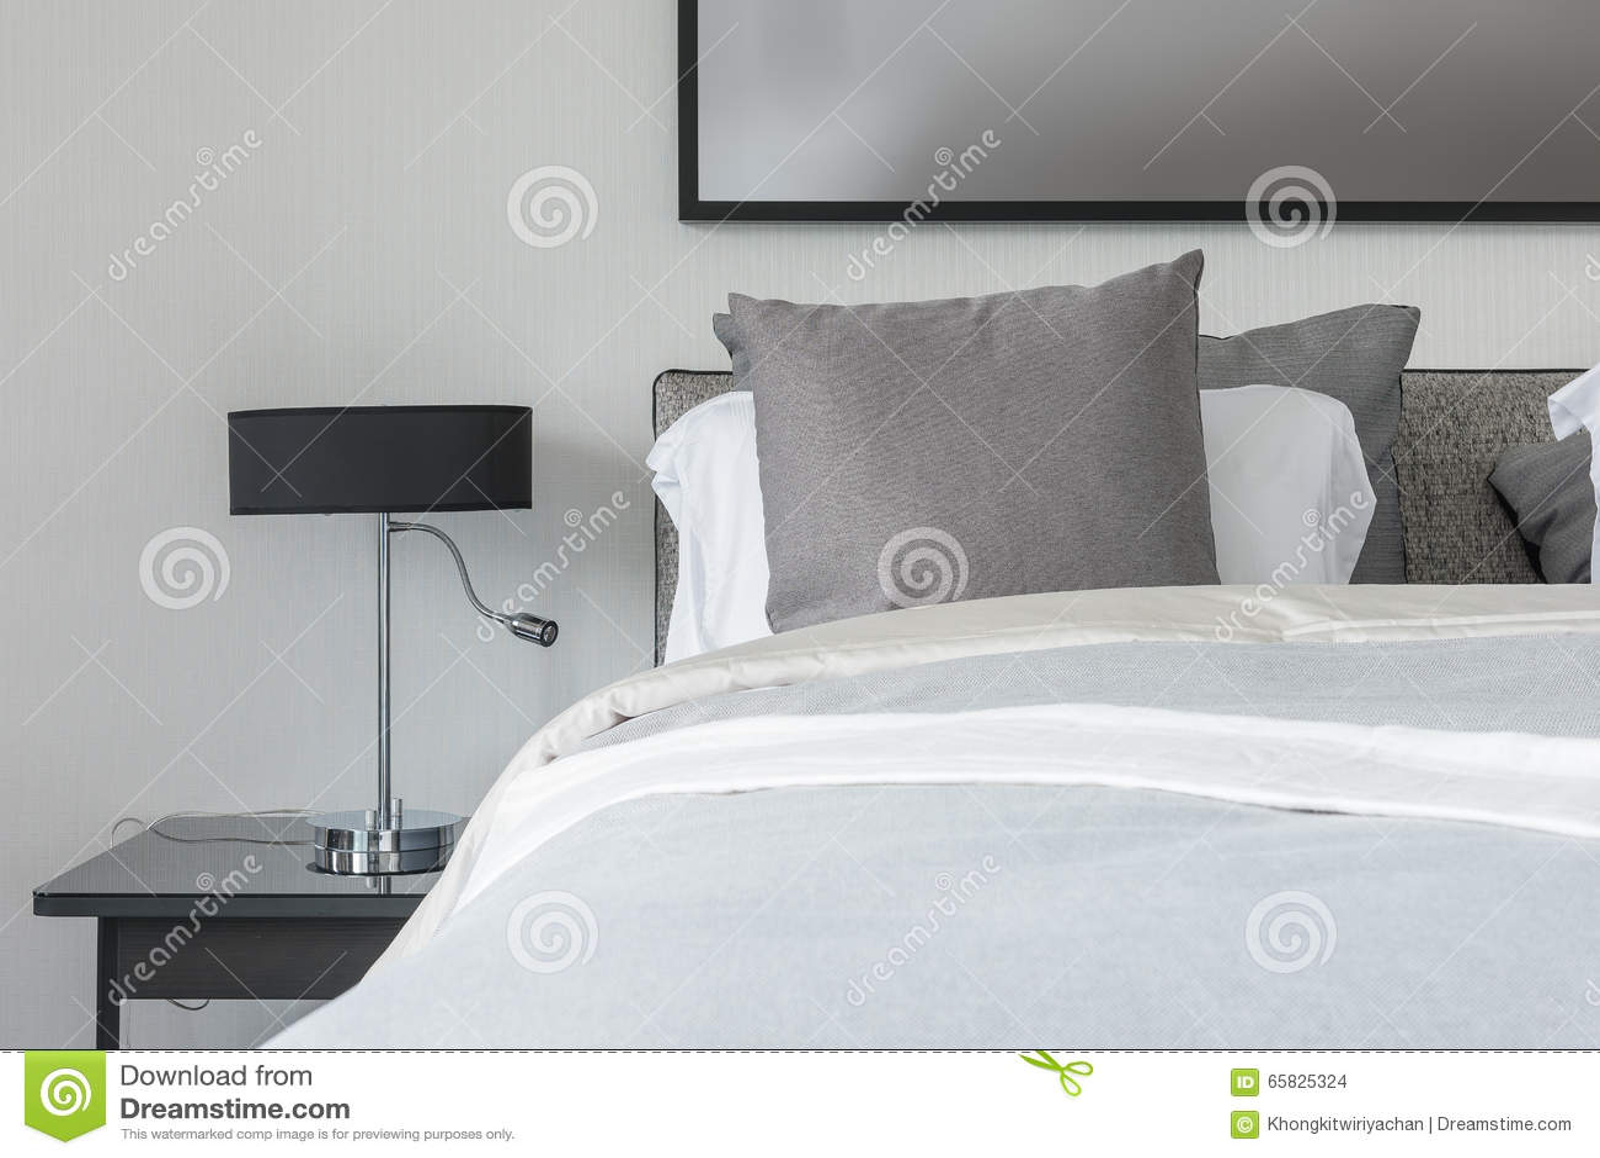 Grijze Slaapkamer Lamp : Grijs hoofdkussen op wit bed in moderne slaapkamer met zwarte